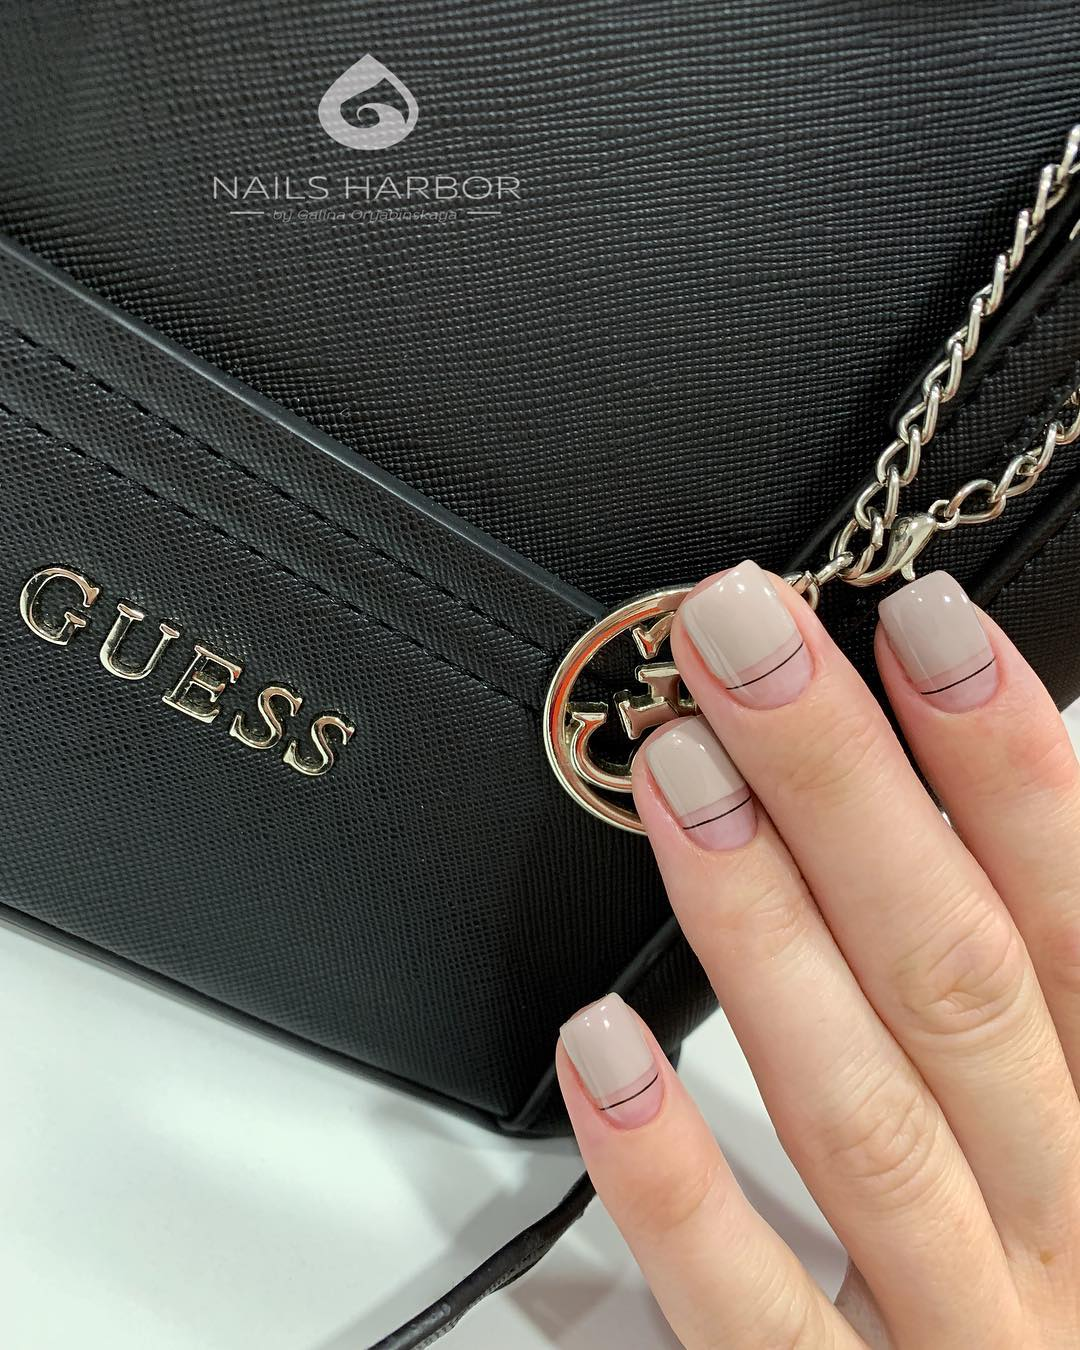 светлый маникюр на коротких ногтях фото_21